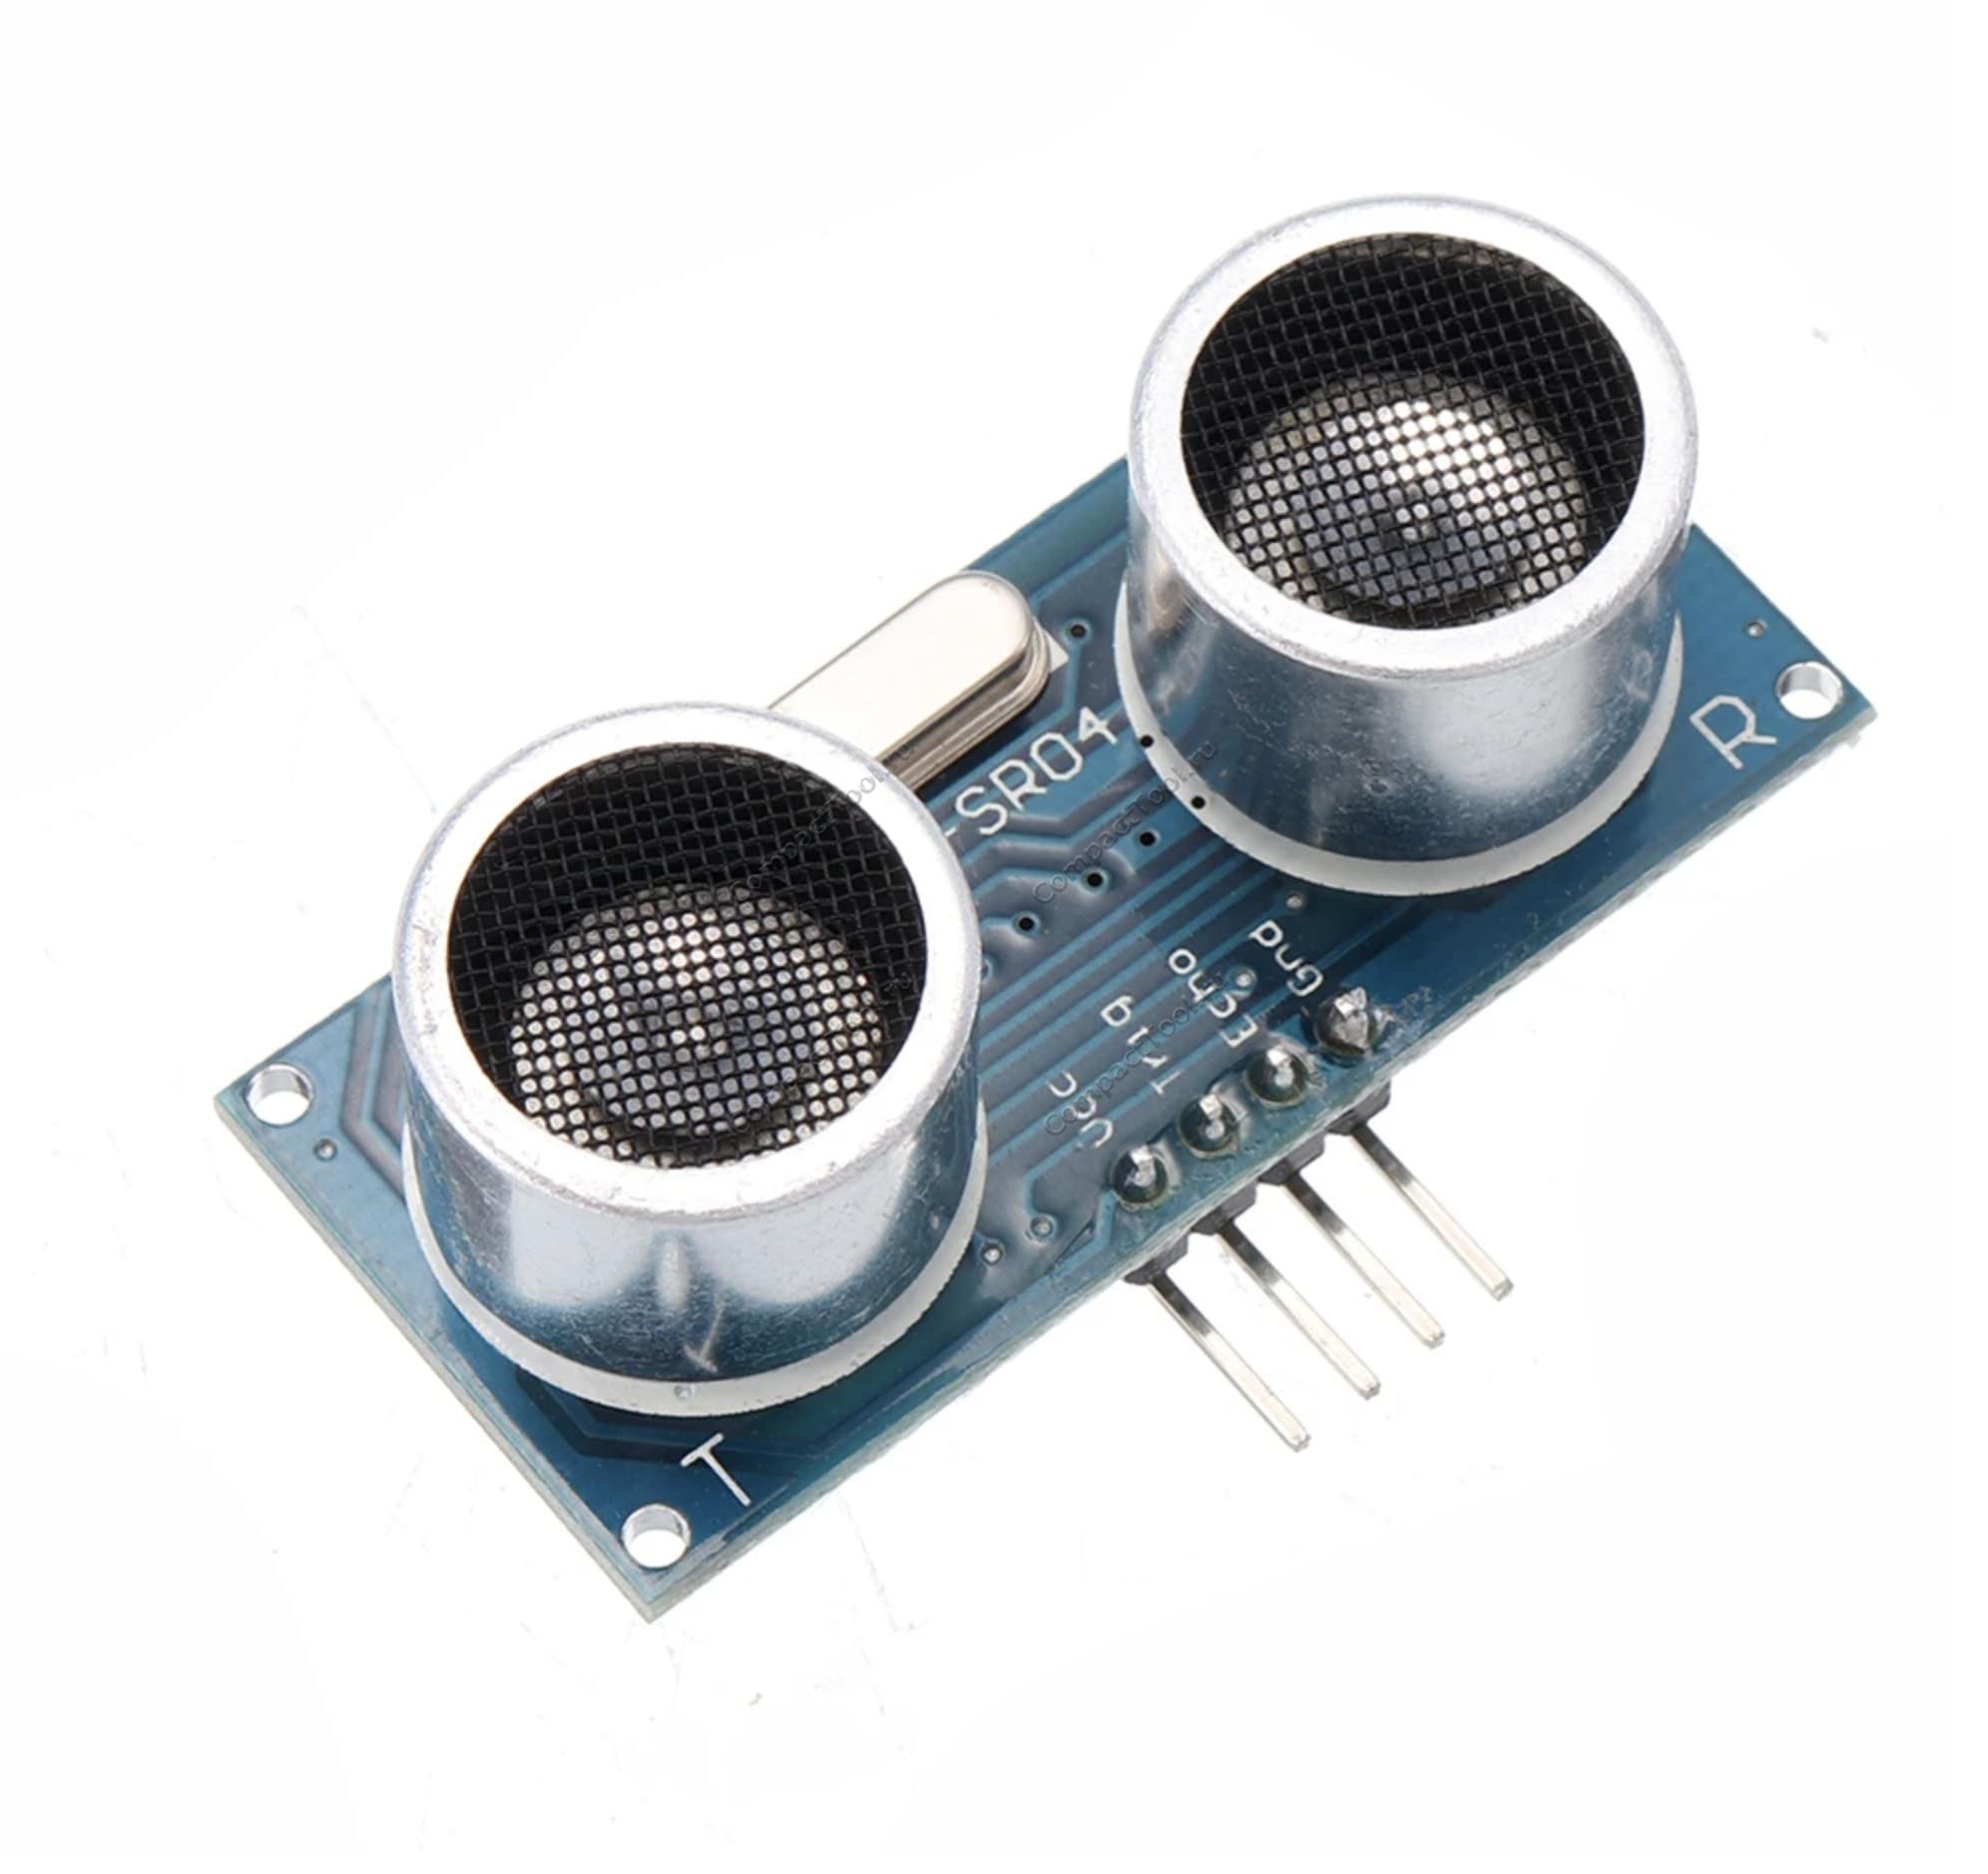 HC-SR04 ультразвуковой датчик расстояния